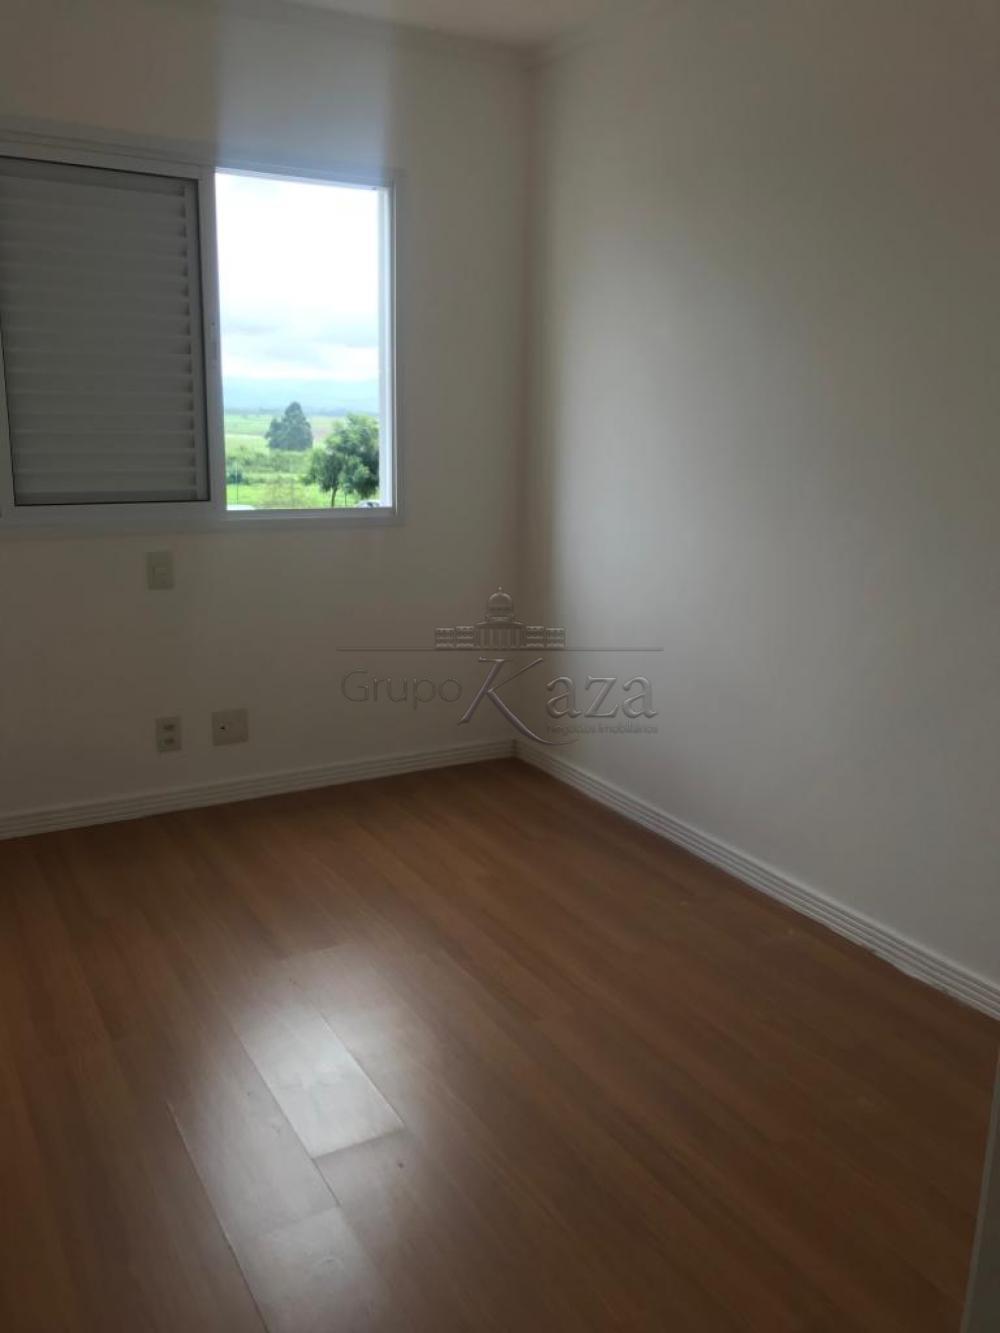 alt='Comprar Apartamento / Padrão em São José dos Campos R$ 350.000,00 - Foto 17' title='Comprar Apartamento / Padrão em São José dos Campos R$ 350.000,00 - Foto 17'